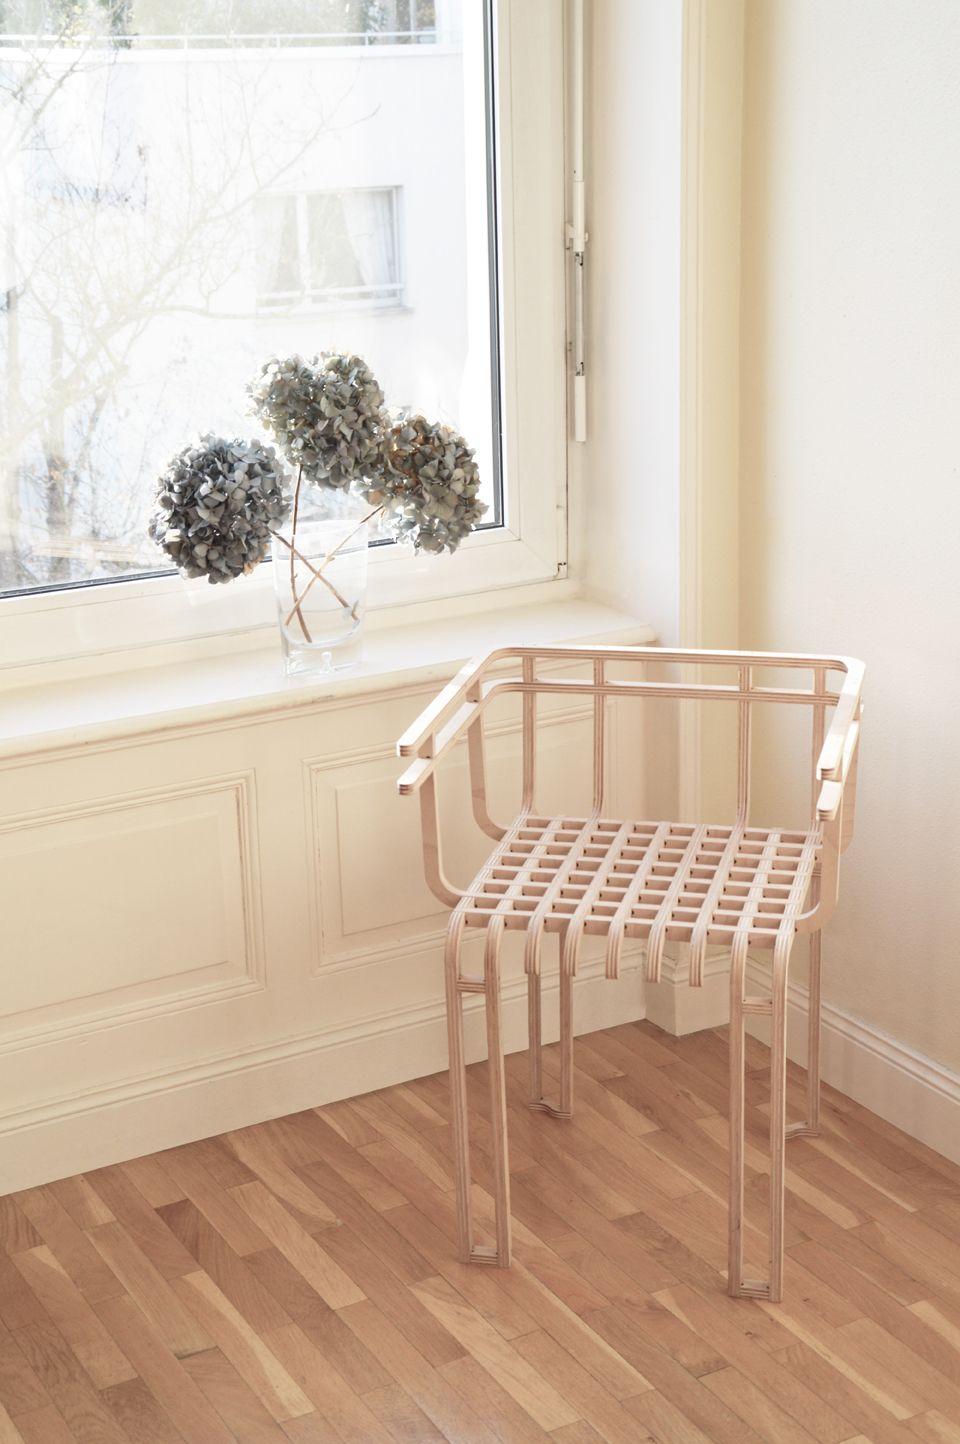 Product Design Experimentation By Jean Charles Kien Meuble Design Mobilier De Salon Mobilier Design